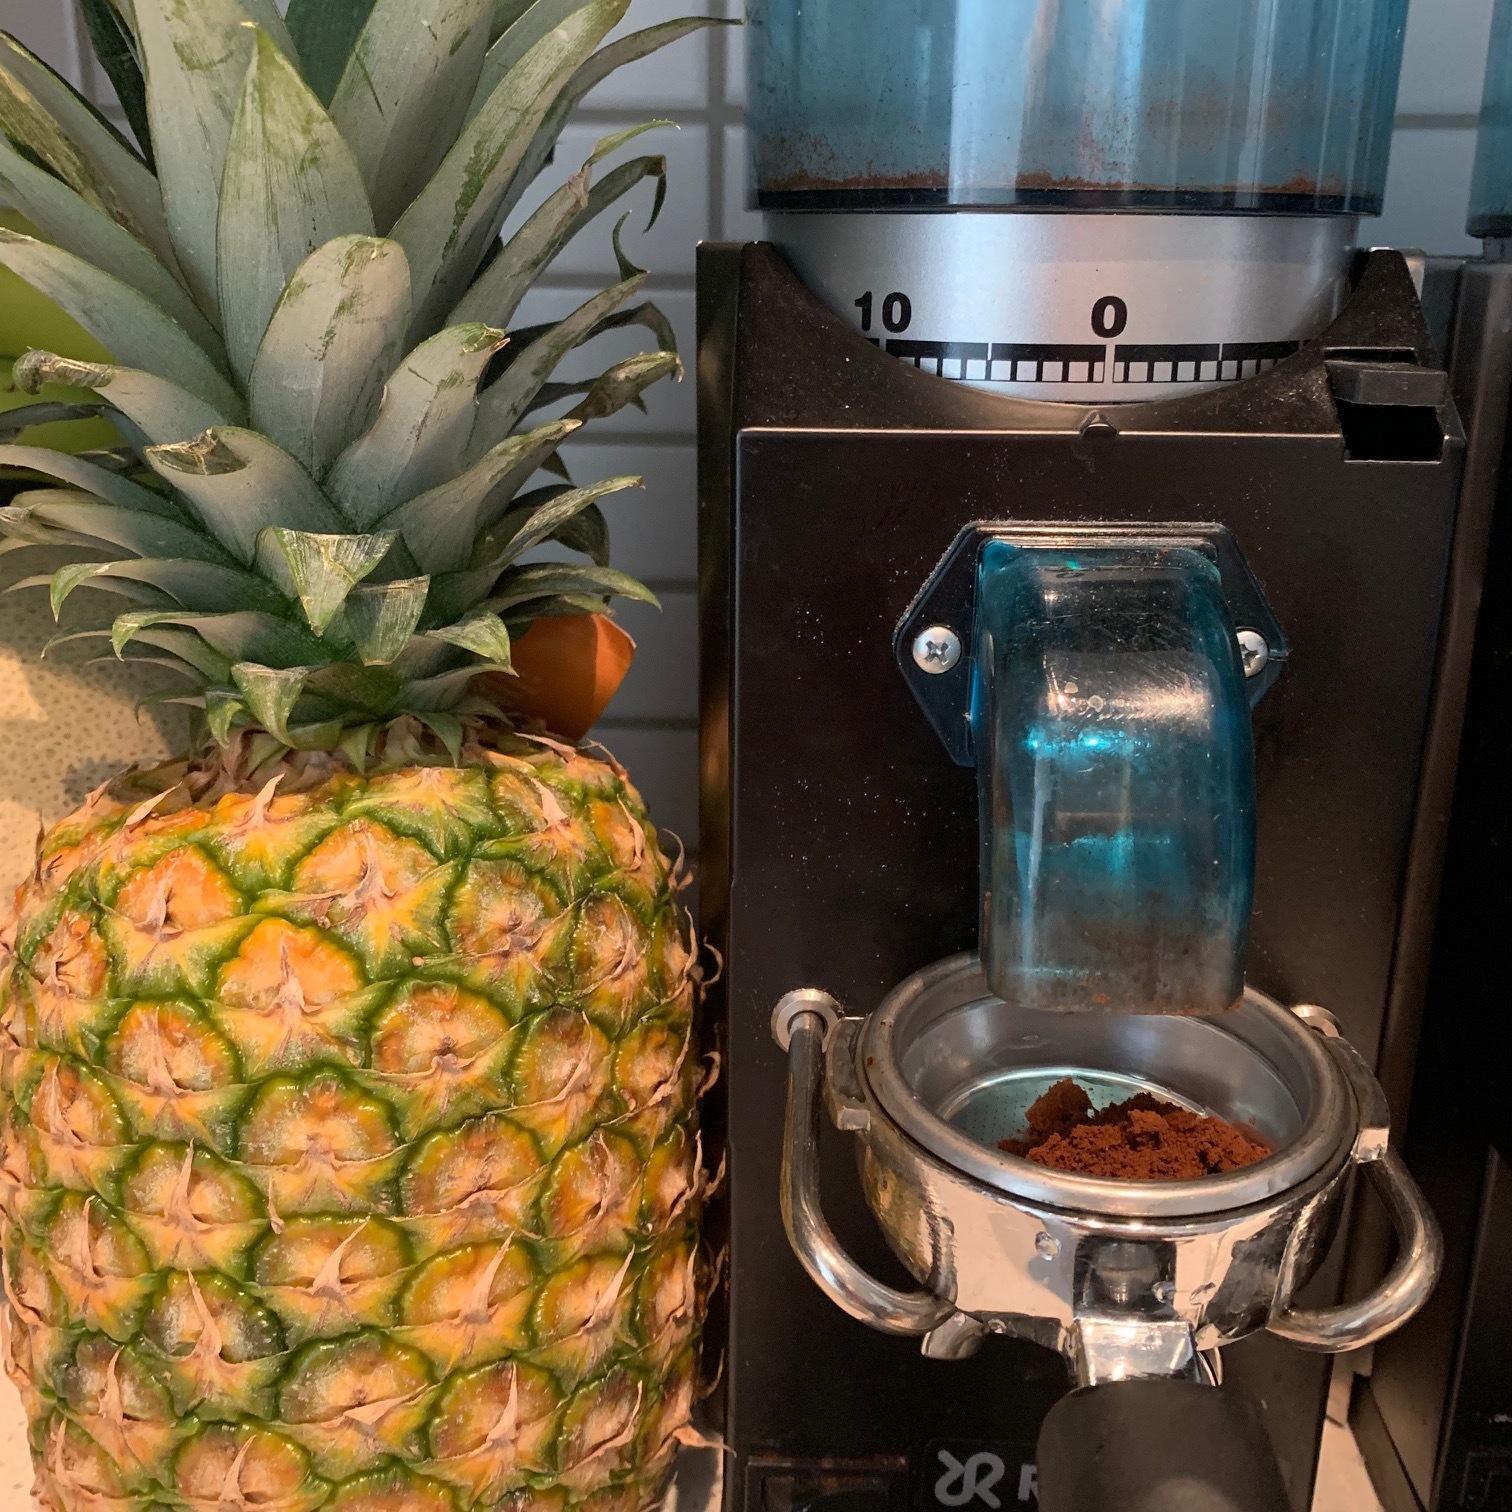 Rancilio grinder, Rancilio rocky, rancilio, coffee grinder